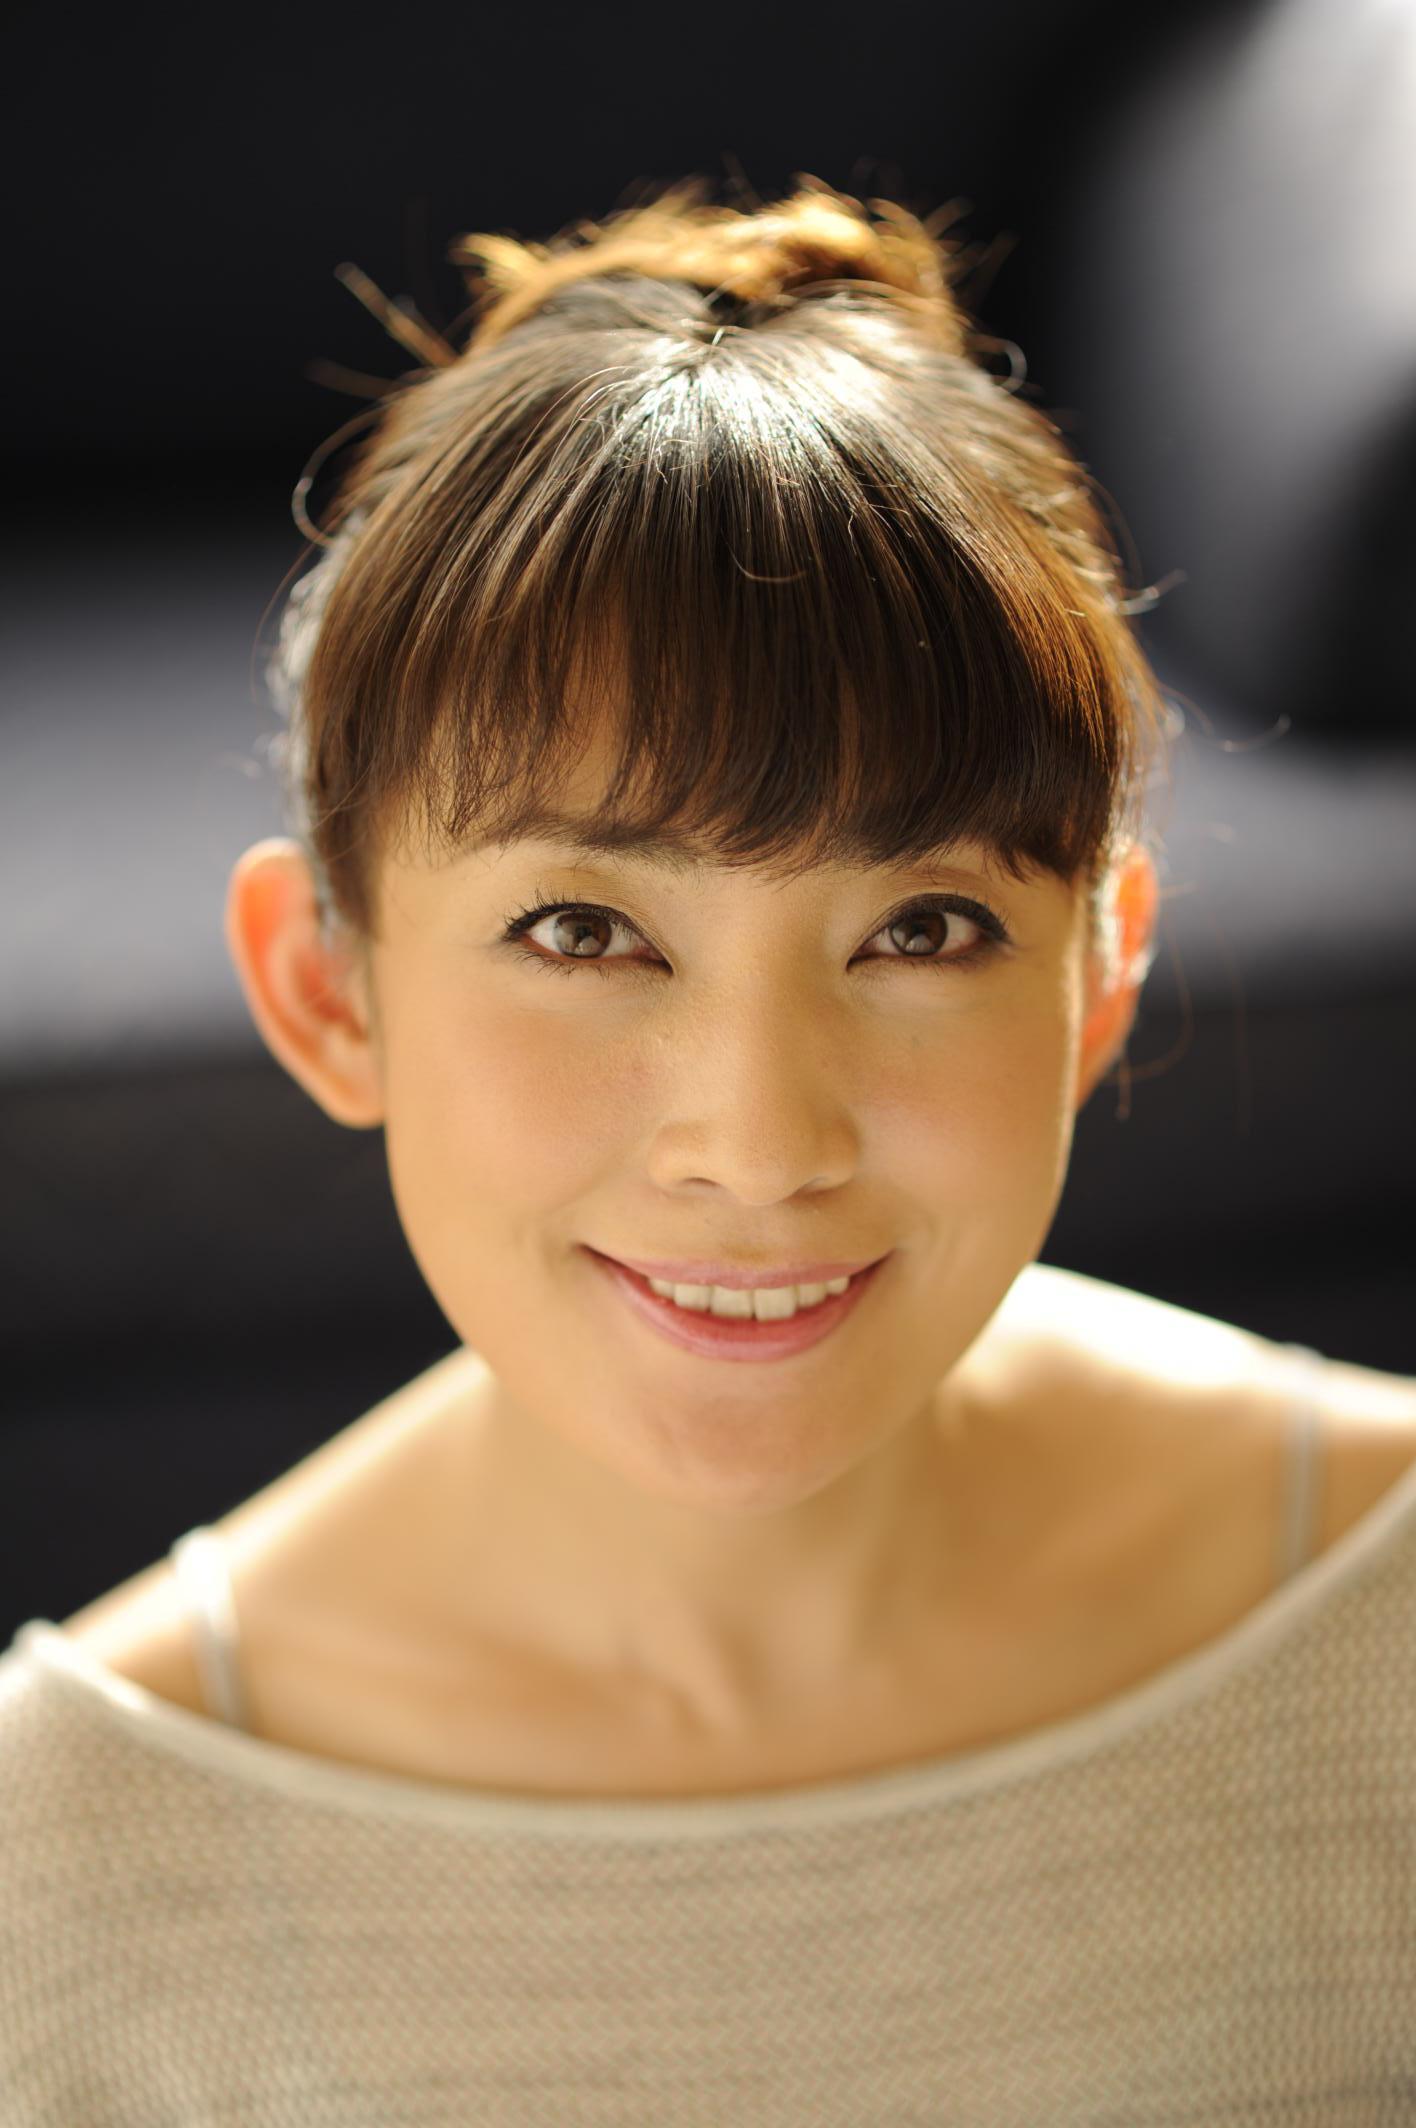 ブロンドヘアーの田中美里さん